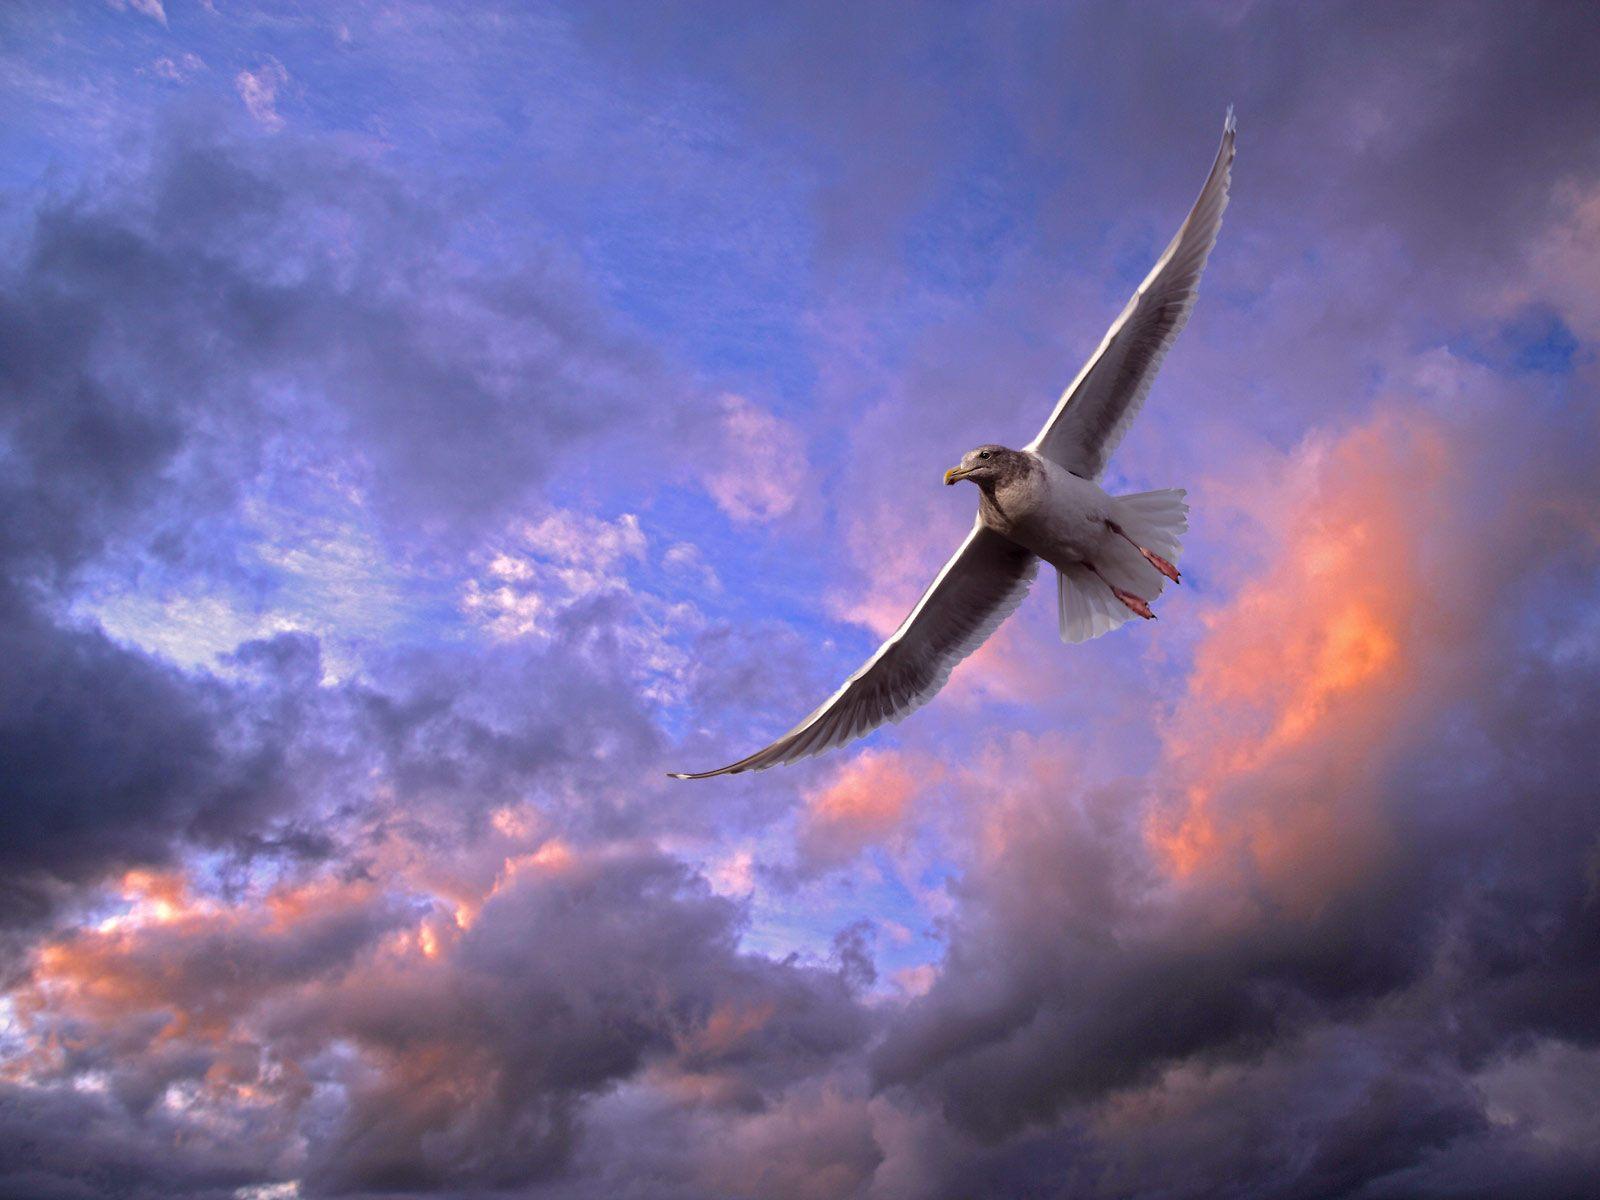 сокол, небо, облака, скачать фото, обои для рабочего стола